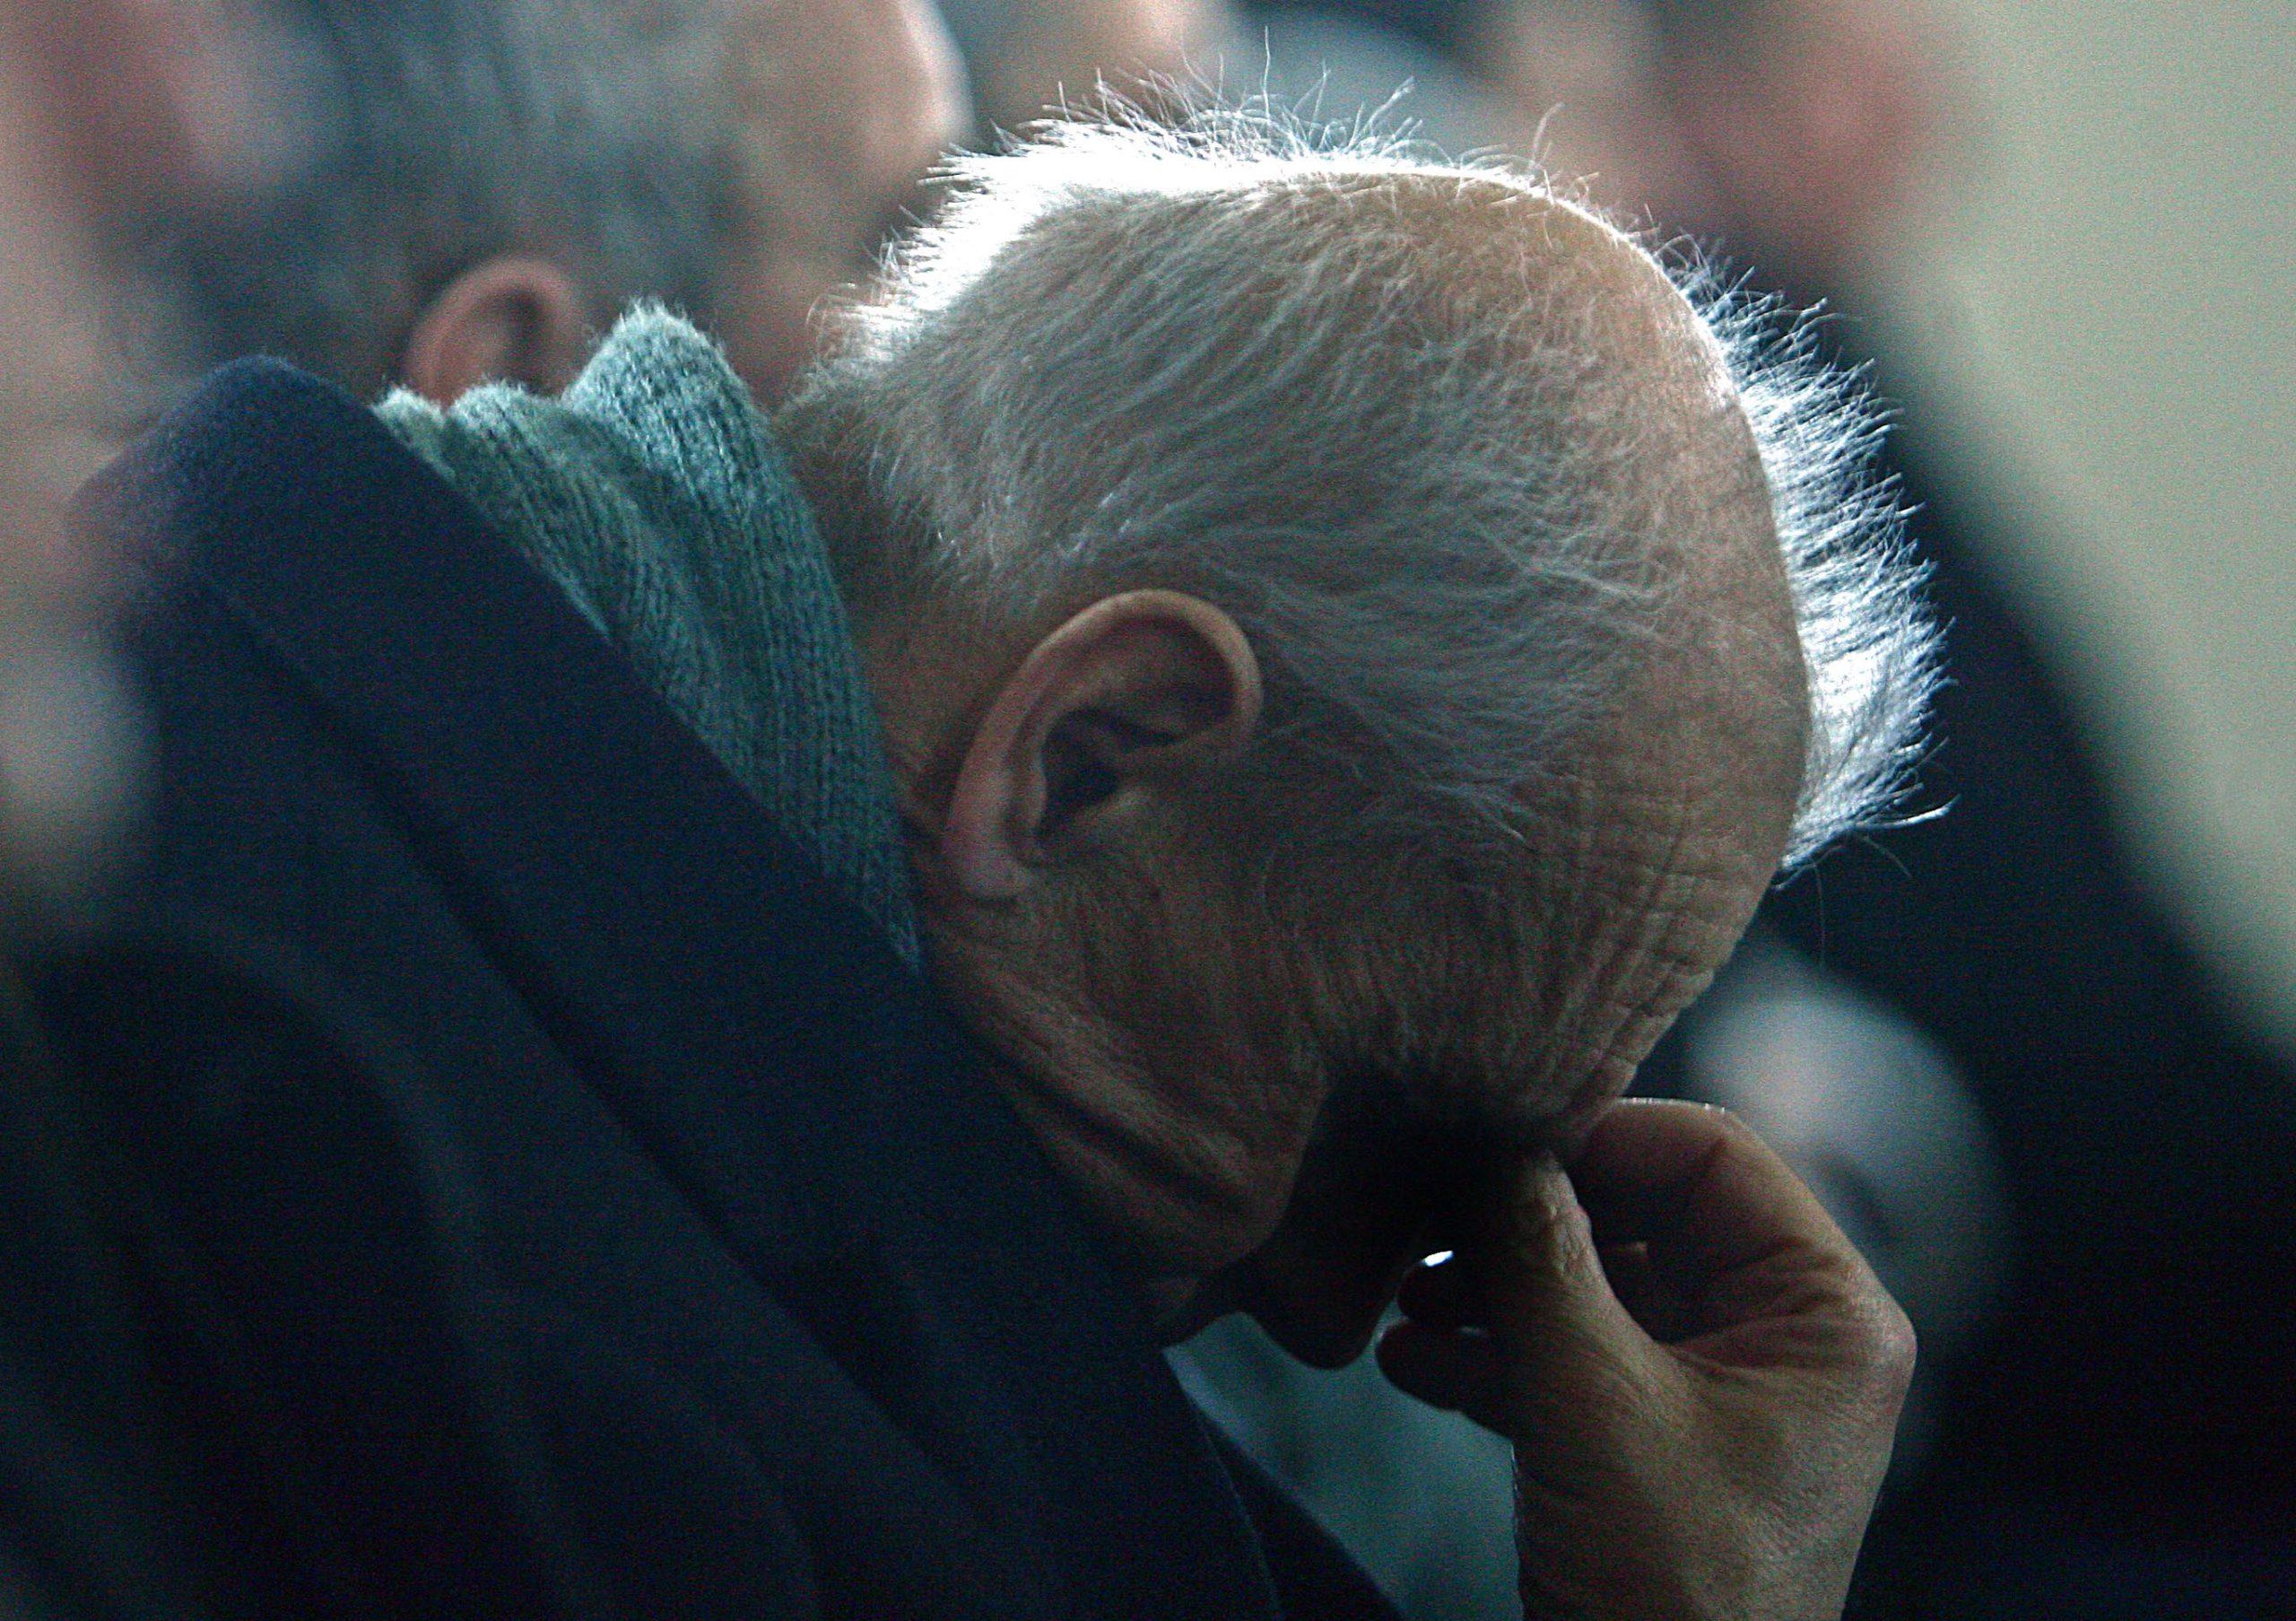 300.000 de români suferă de Alzheimer, iar statisticile arată că până în 2025 numărul lor s-ar putea tripla. FOTO: Mediafax/ Andreea Balaurea